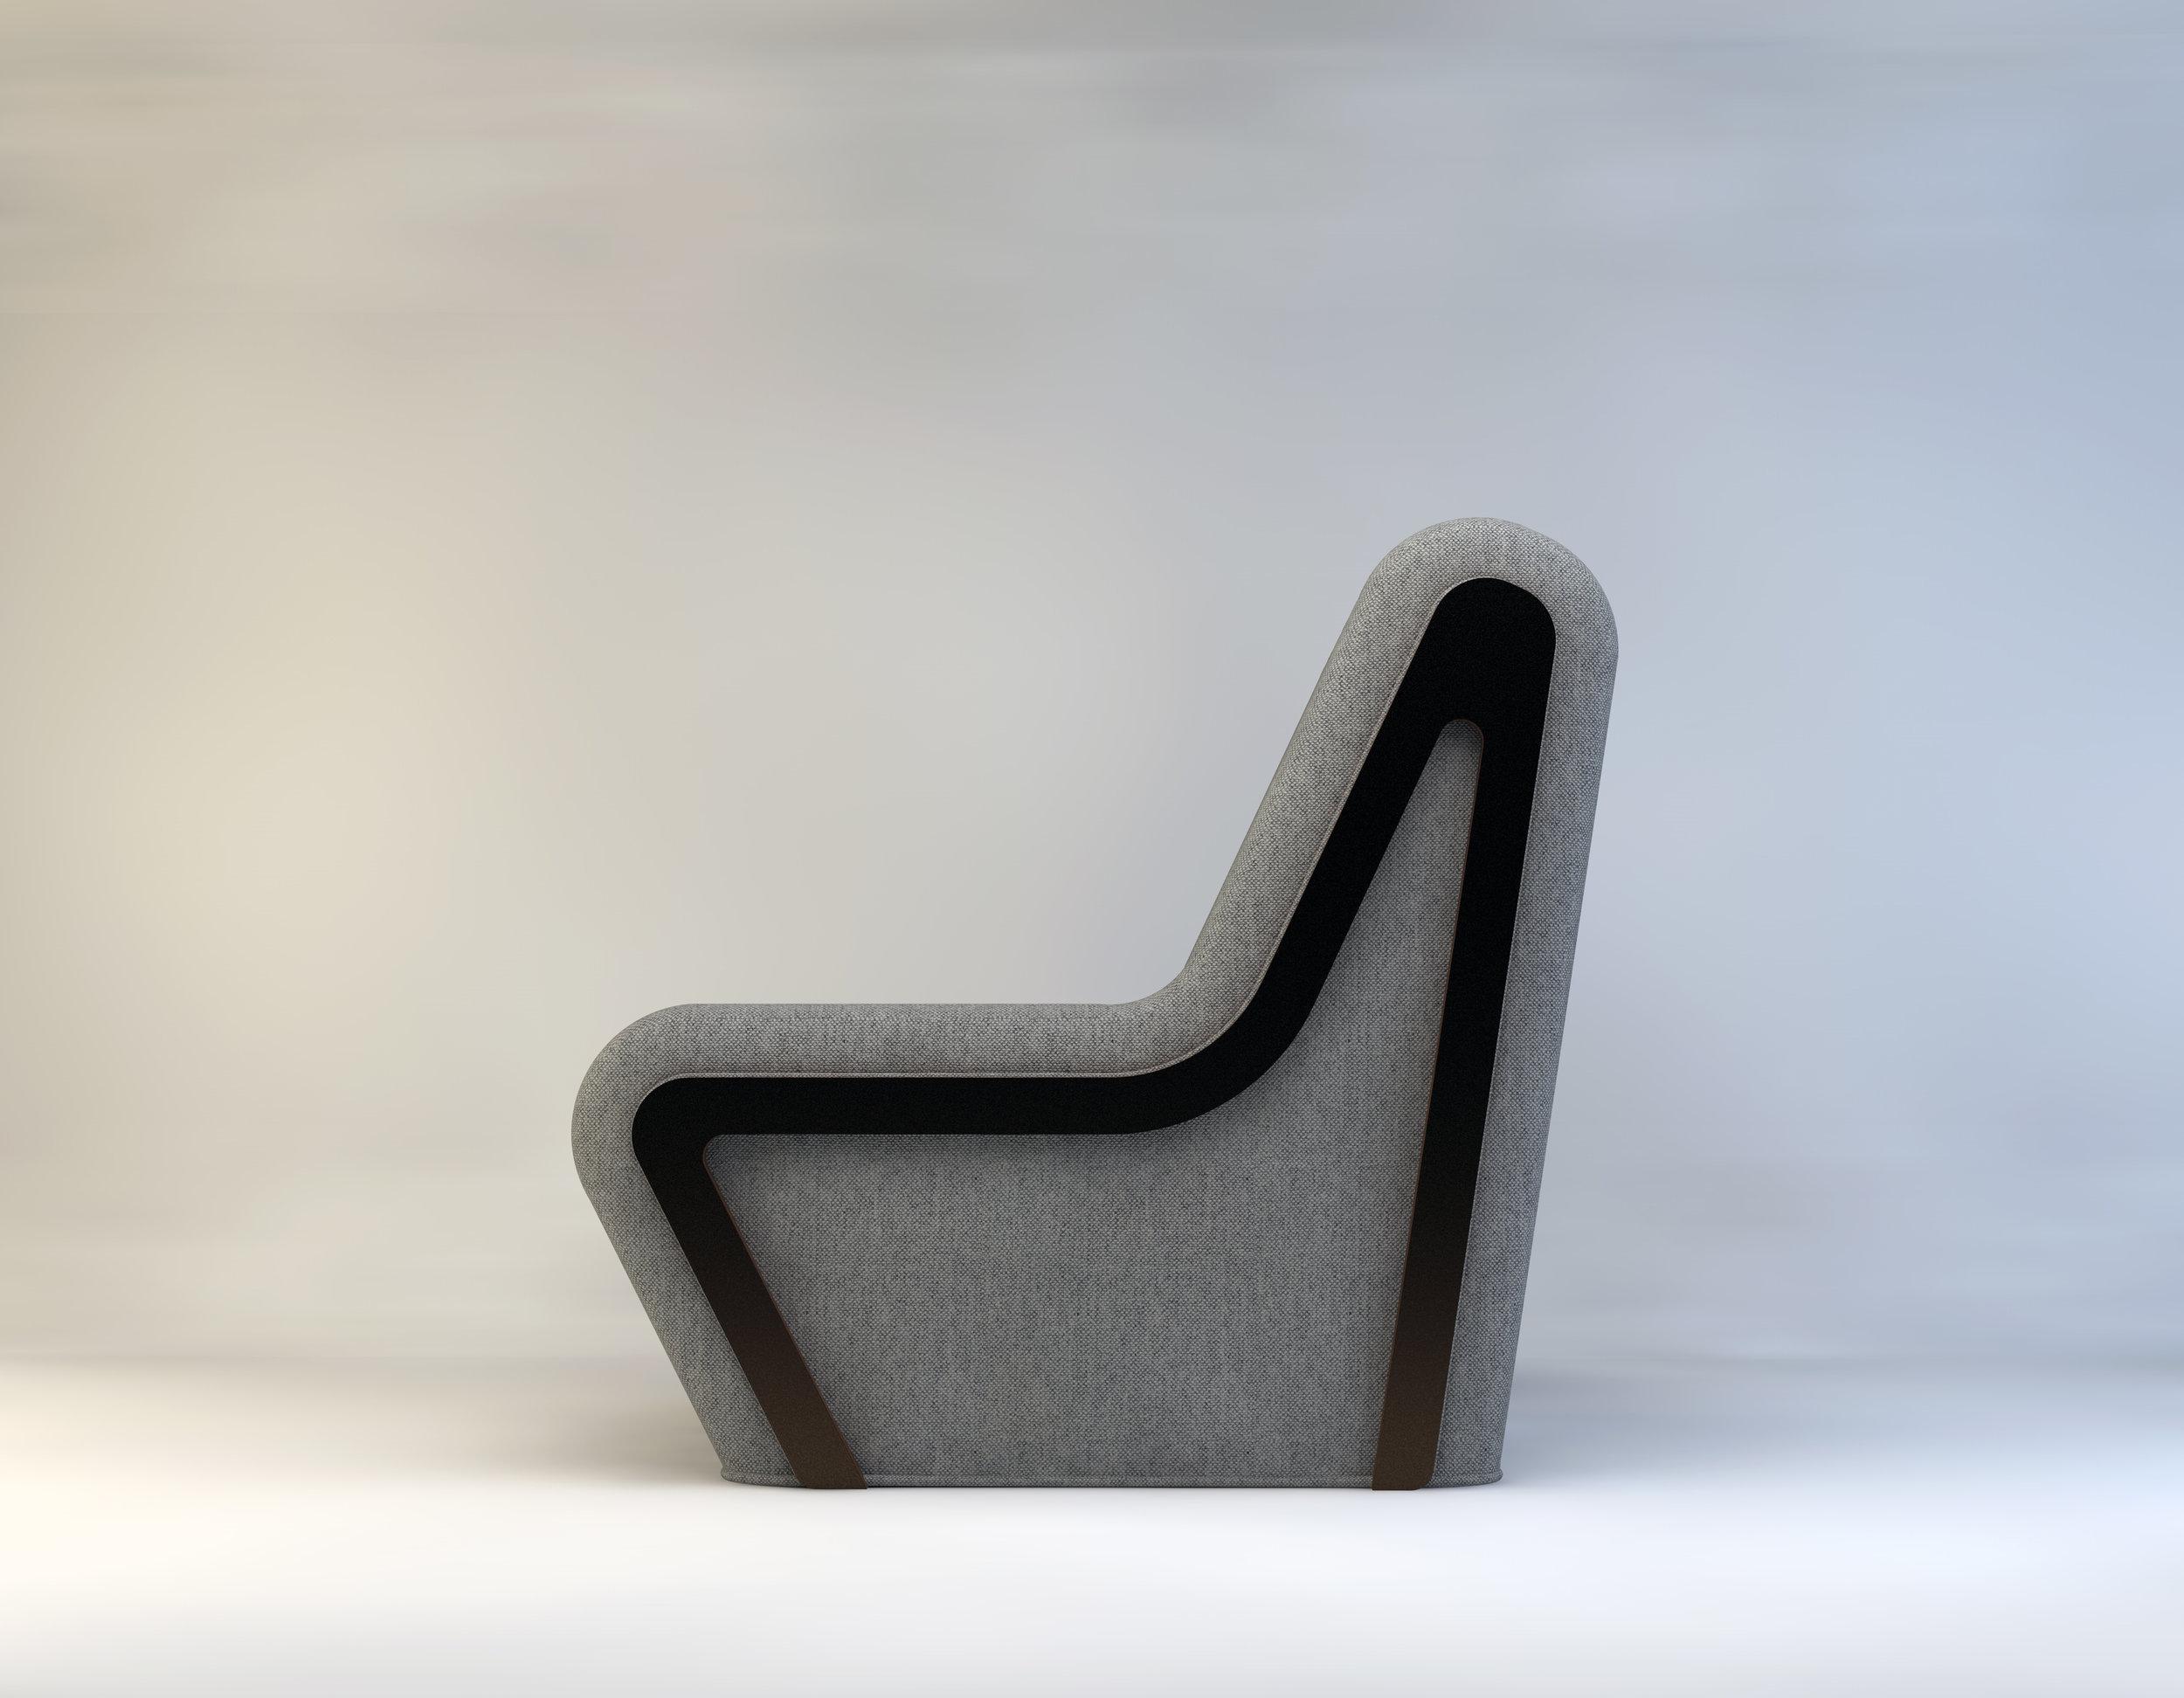 fauteuil aplatir1.jpg